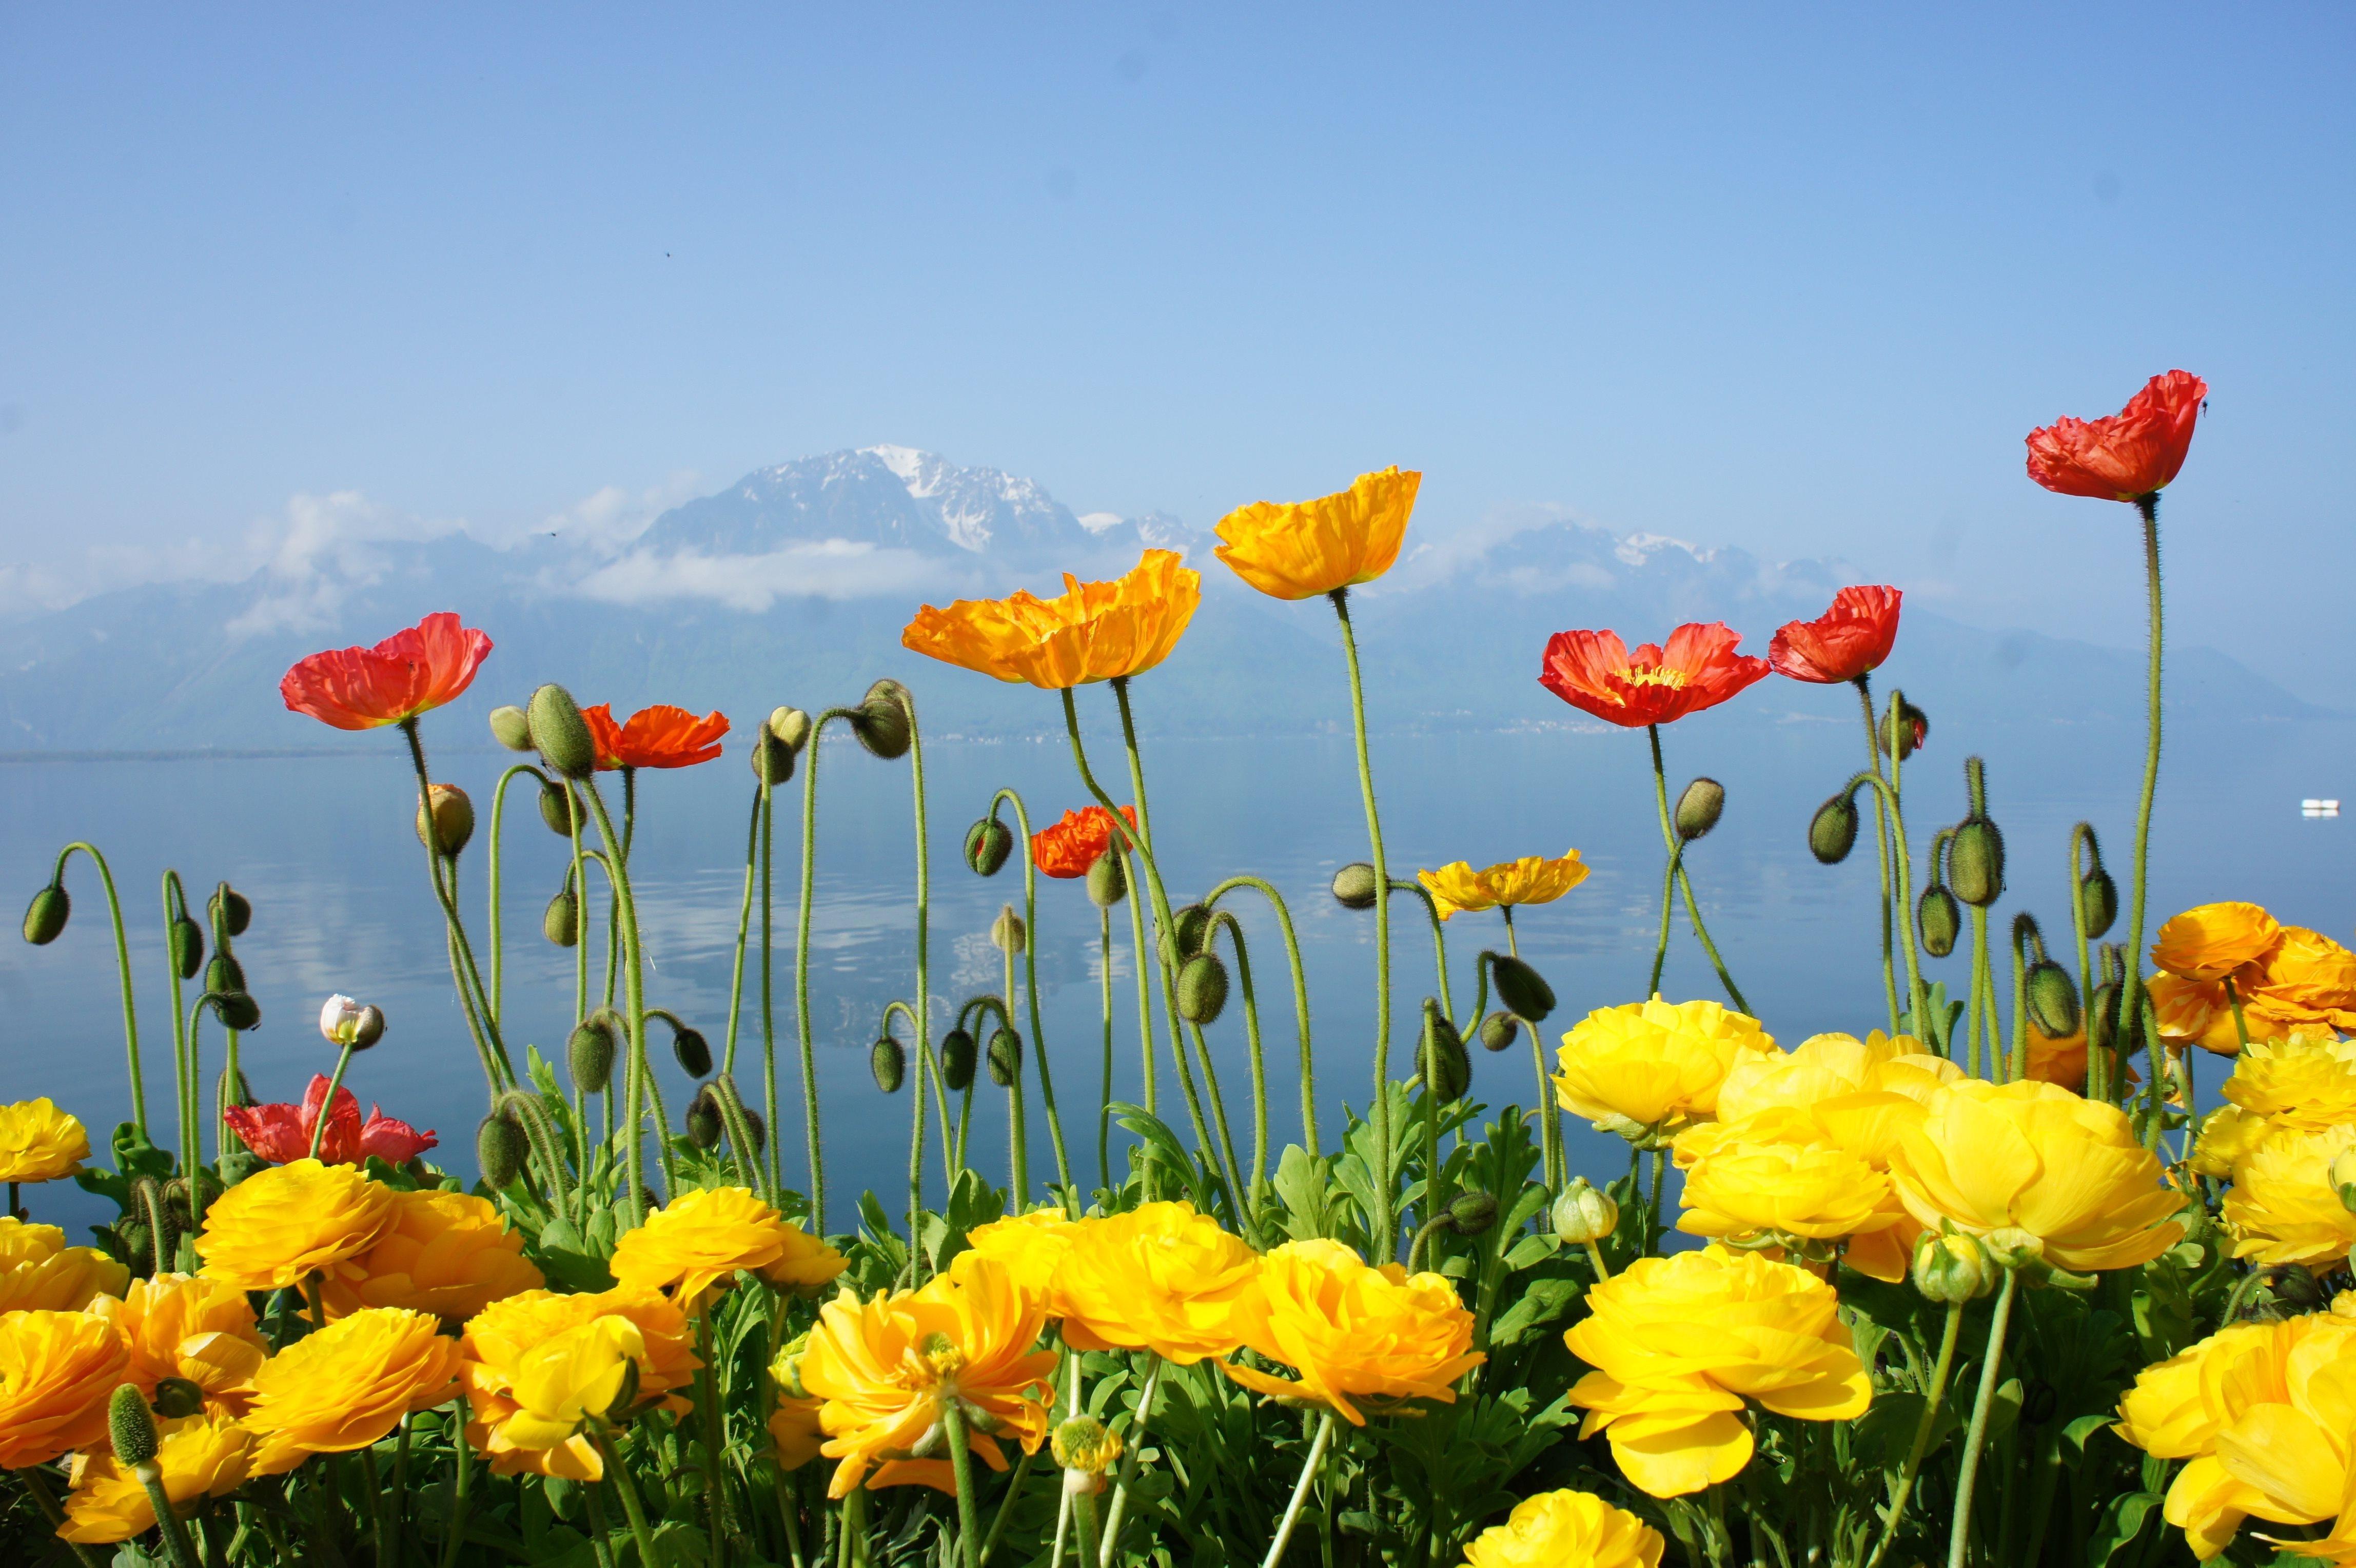 Spring Switzerland Lake Flowers Mountain Wallpaper 108429